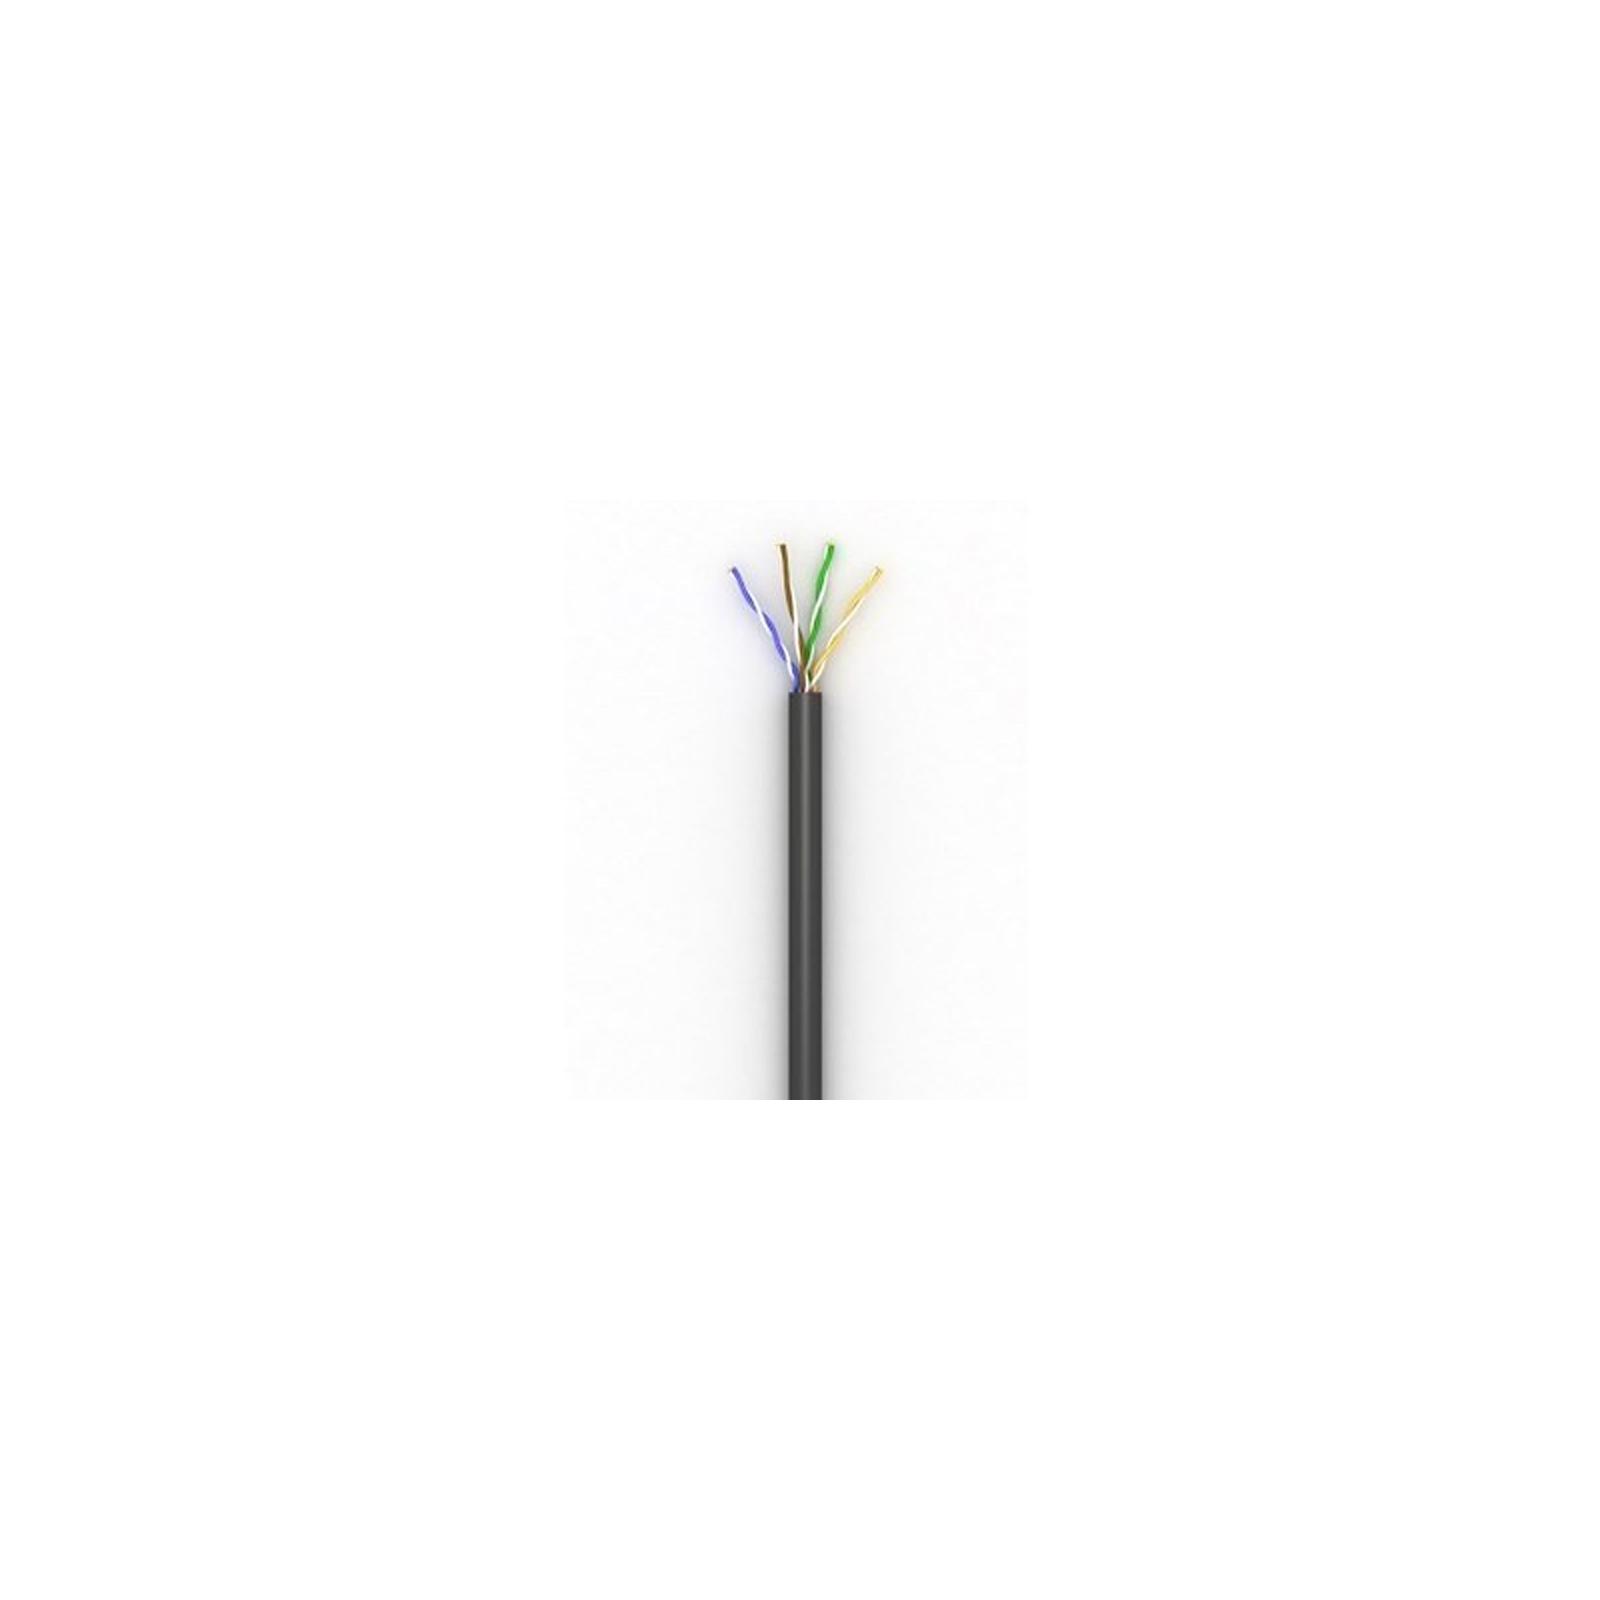 Кабель сетевой OK-Net КПП-ВП(100) OK-Net (КППЭ-ВП (100) 4x2x0,51/1м)